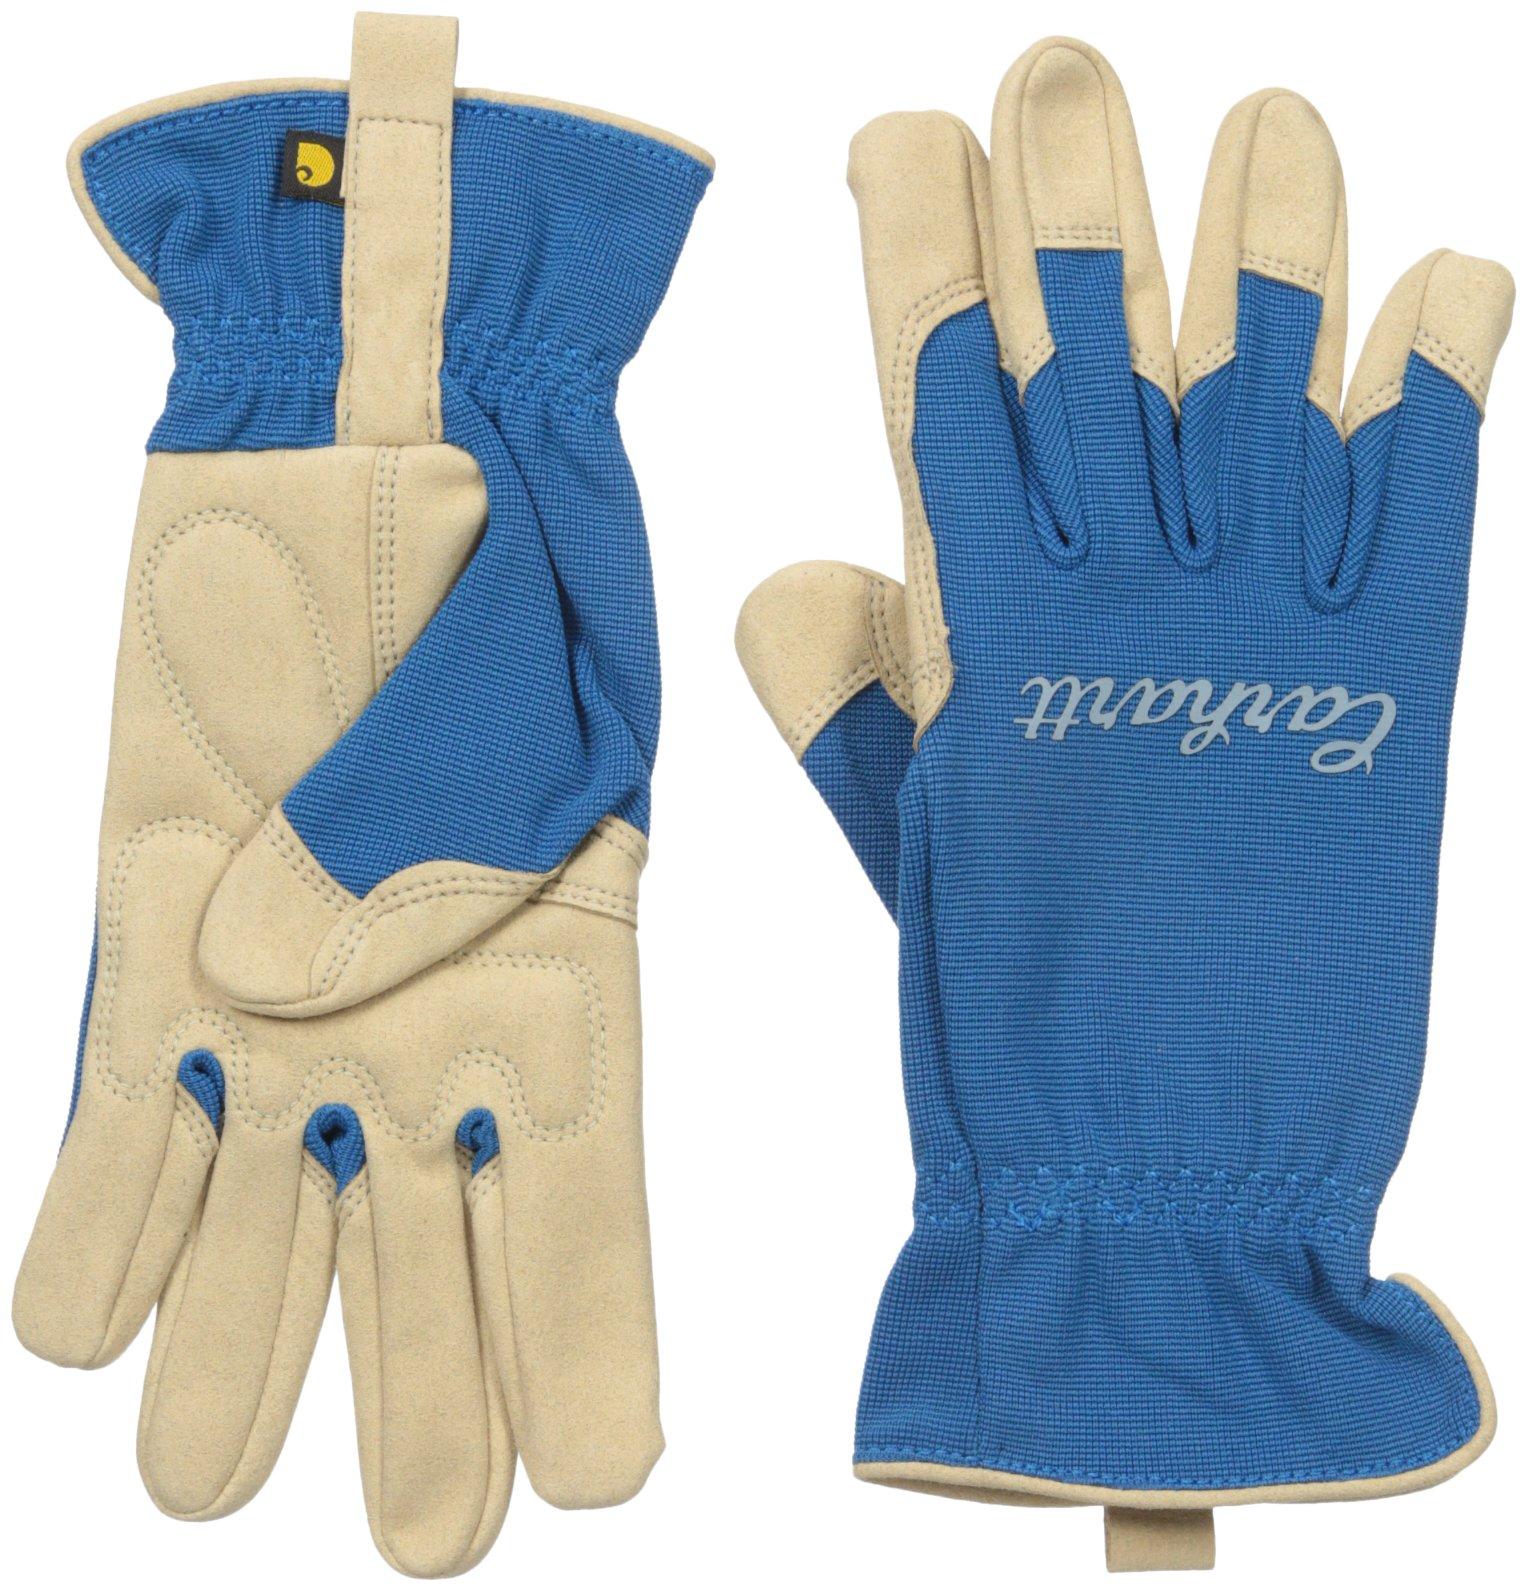 Carhartt Women's Perennial High Dexterity Glove, Island Blue, Medium